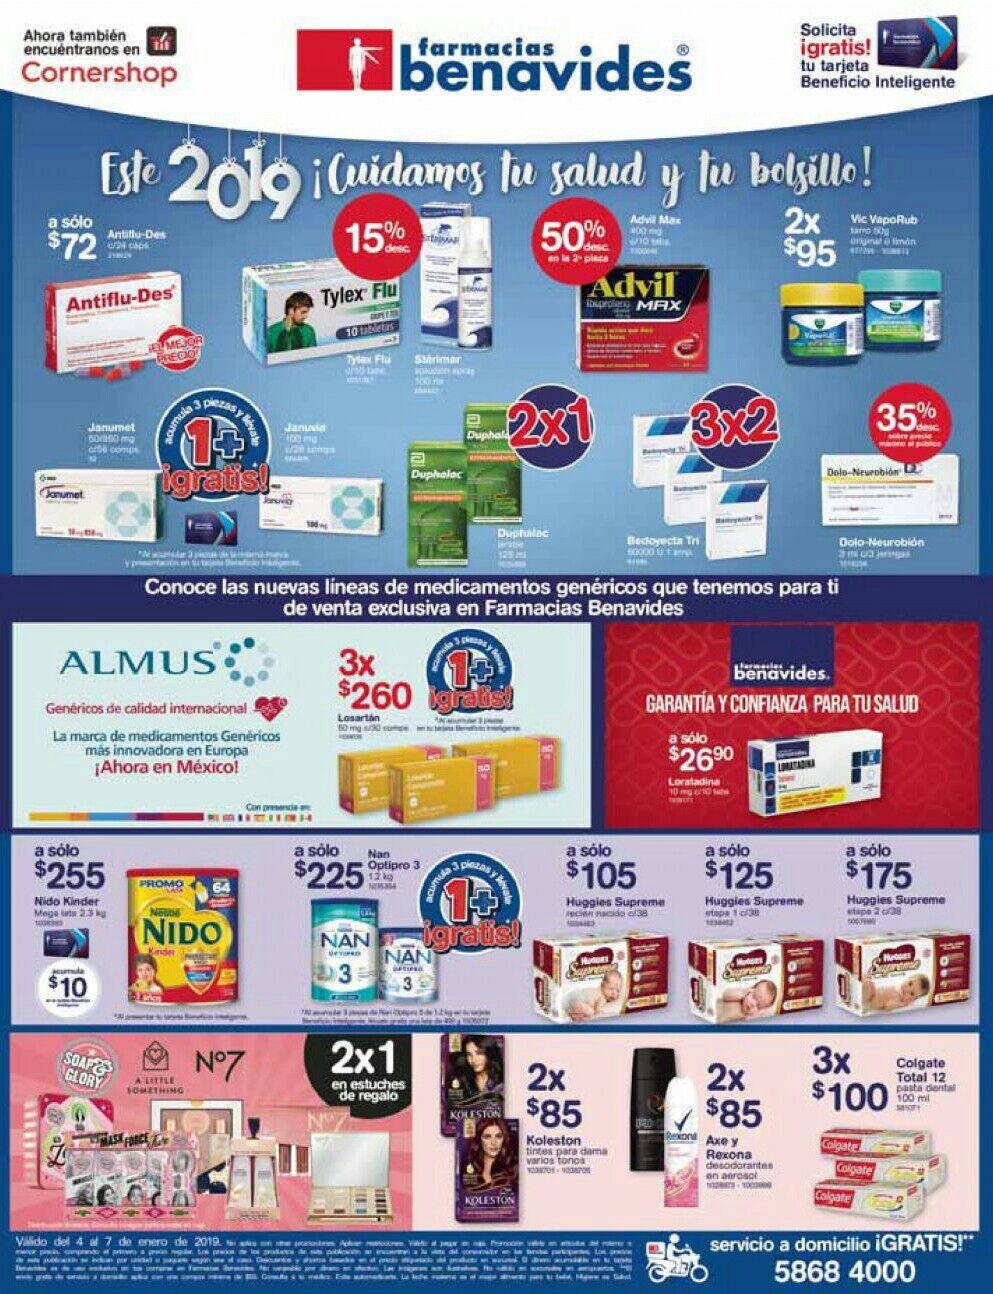 Farmacias Benavides: Ofertas del Viernes 4 al Lunes 7 de Enero